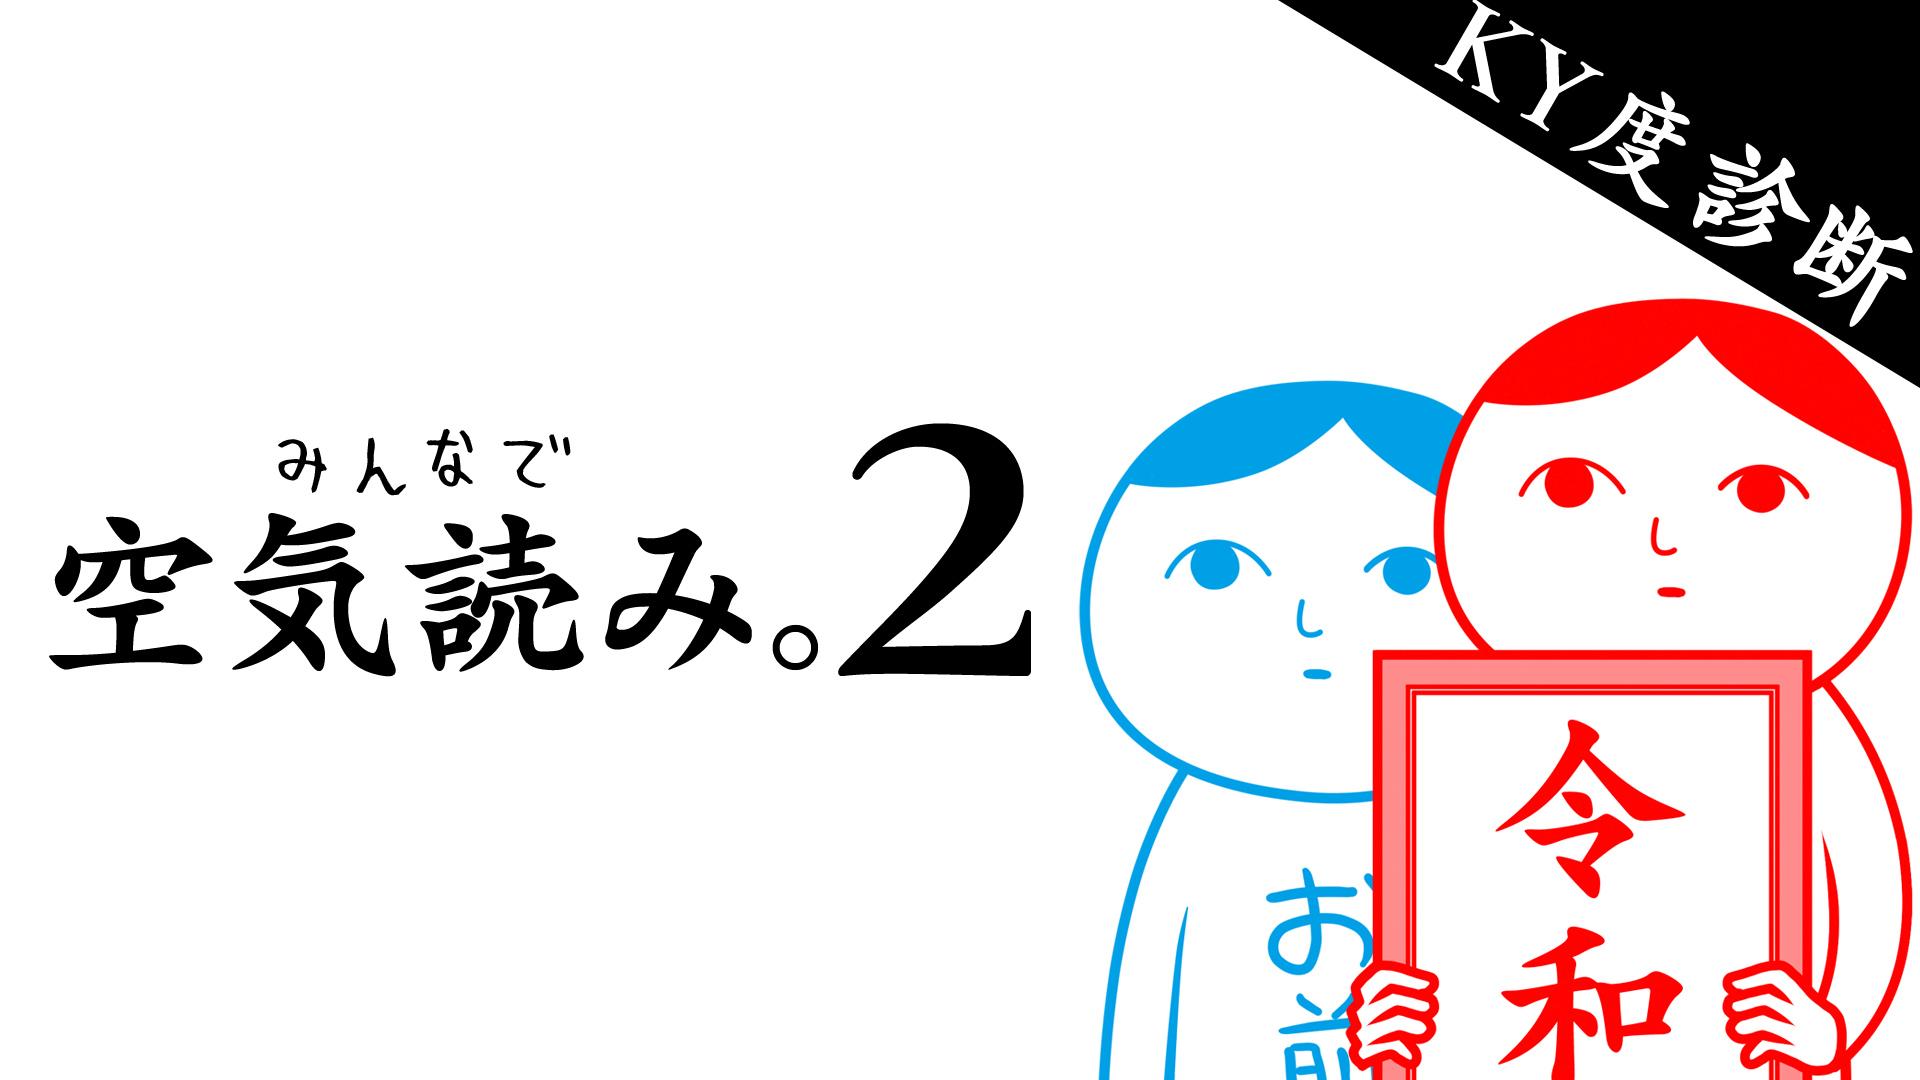 令和の空気、読めてますか?Nintendo Switch™にてシリーズ第2弾『みんなで空気読み。2 ~令和~』配信開始!